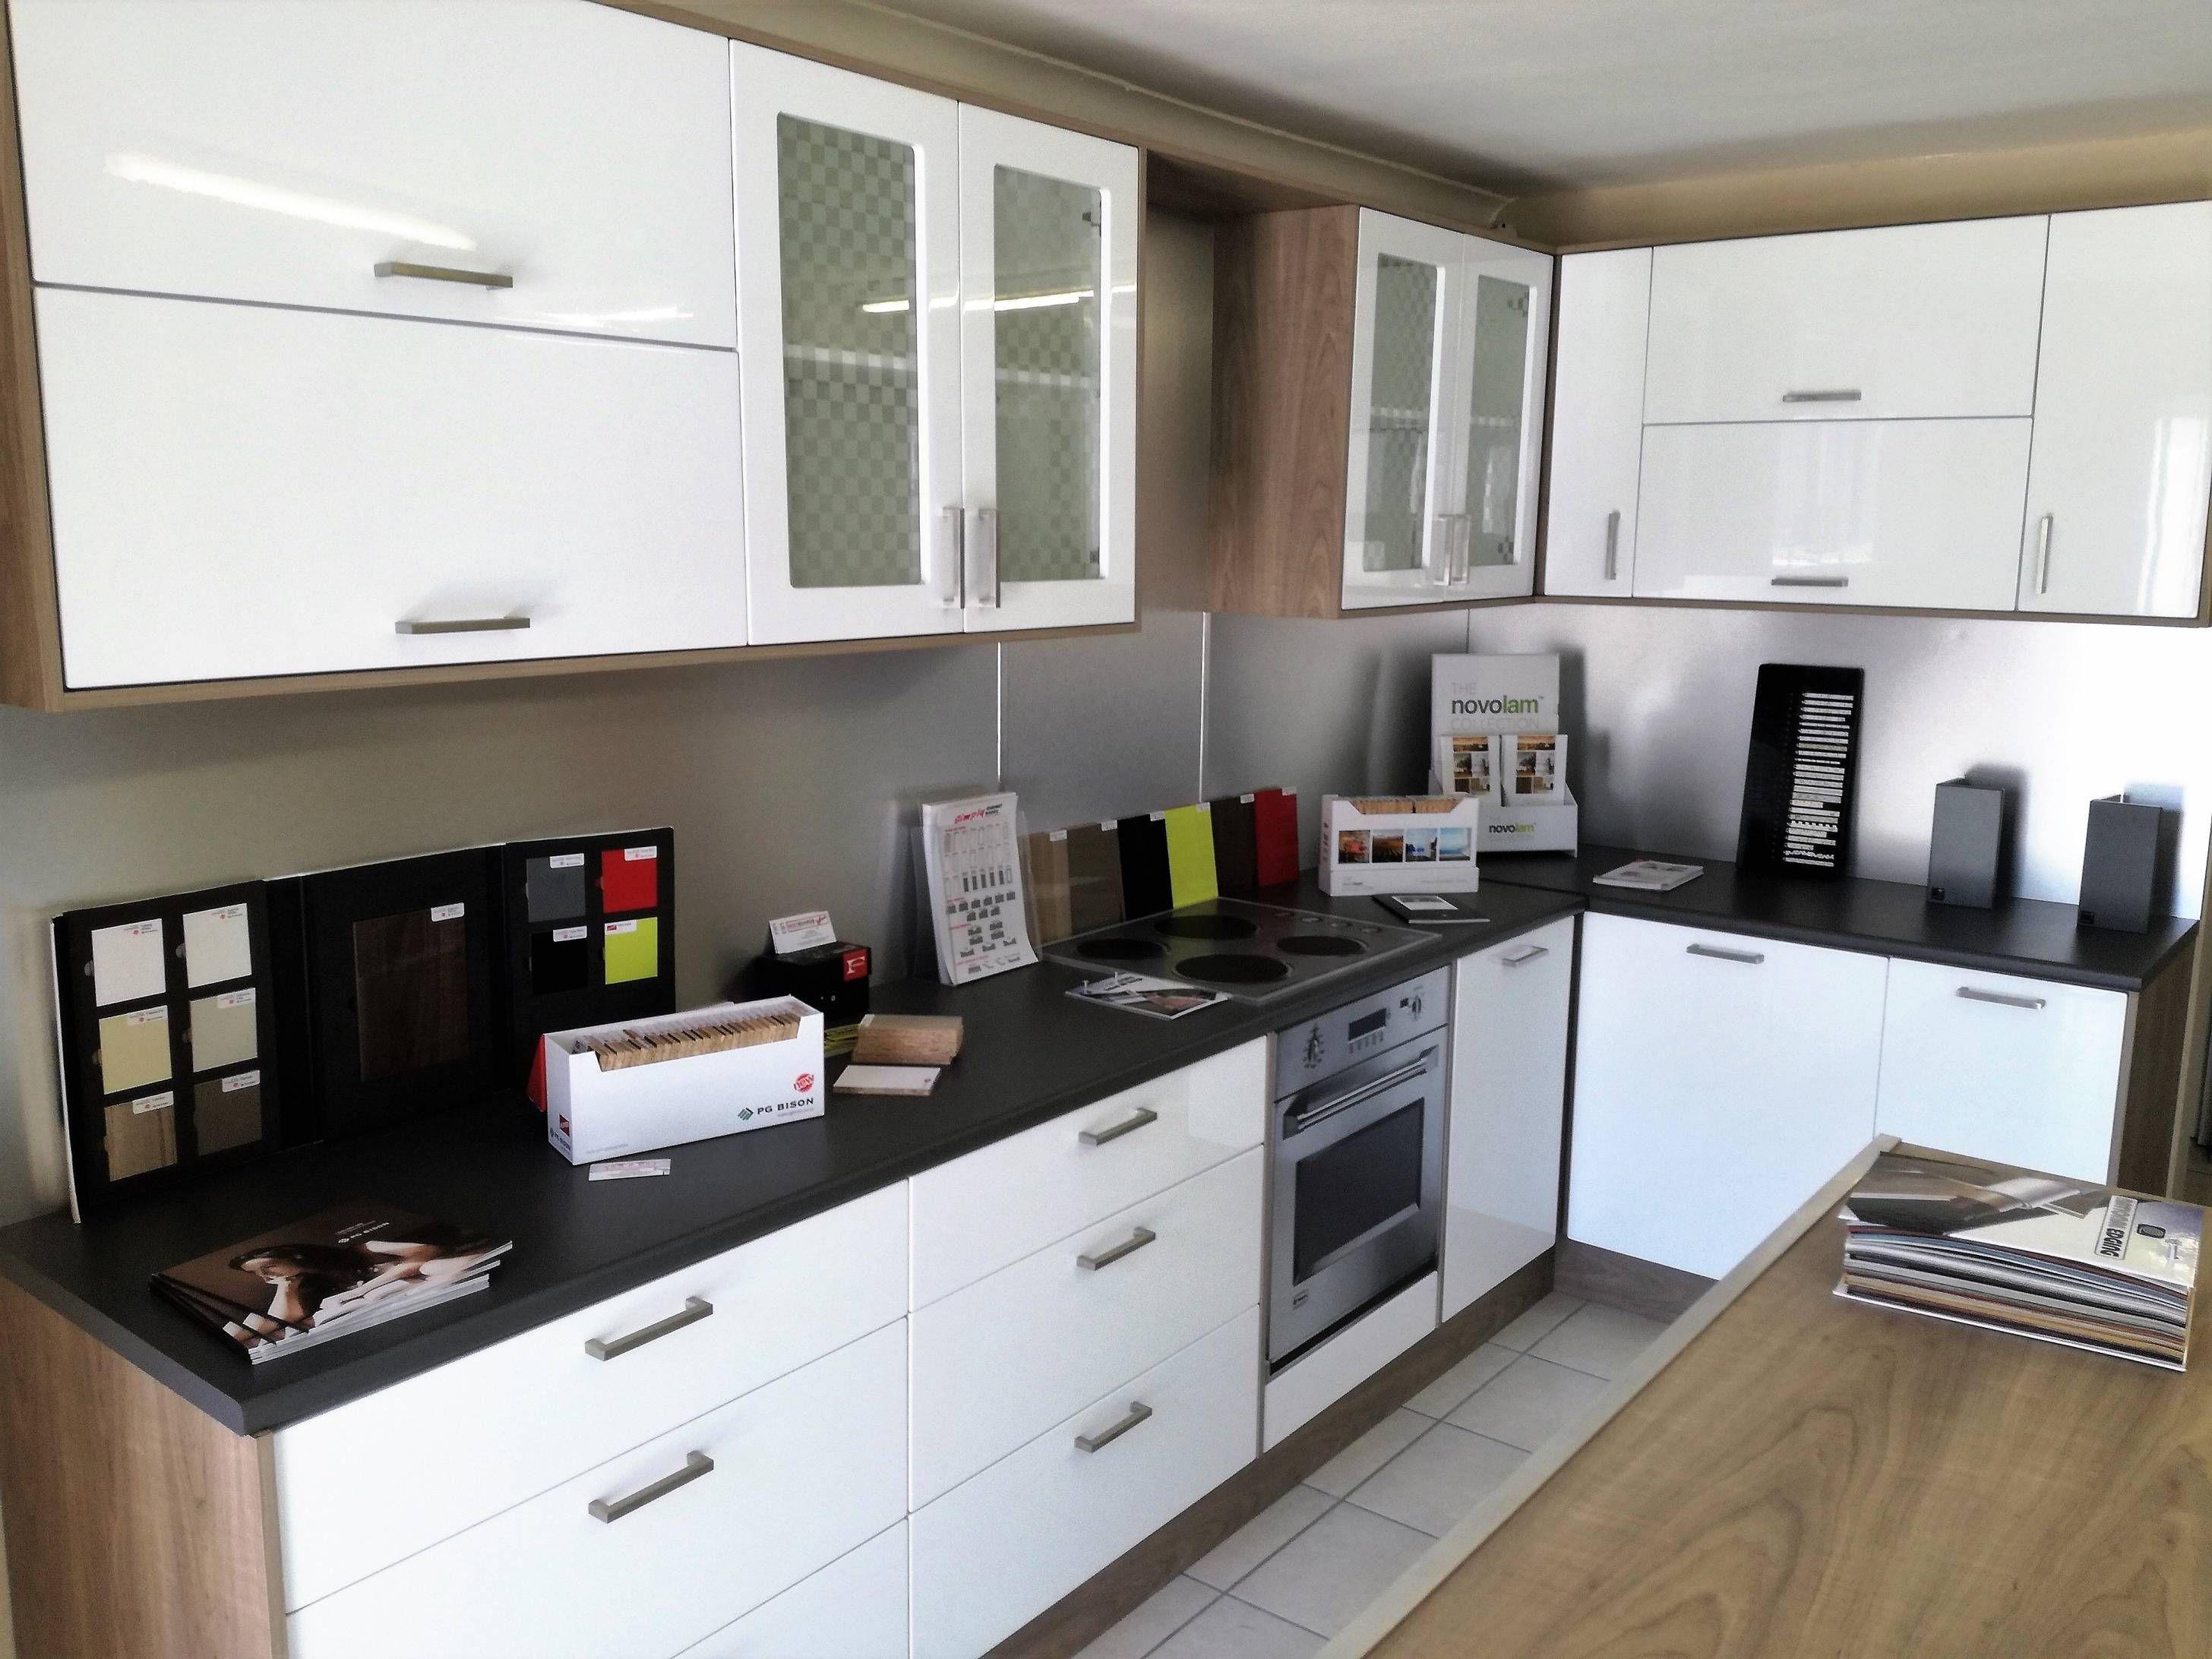 Gallery Of Kitchen Cabinet Pulls Design Yentua Com Interior Design Kitchen Kitchen Cabinets Kitchen Design